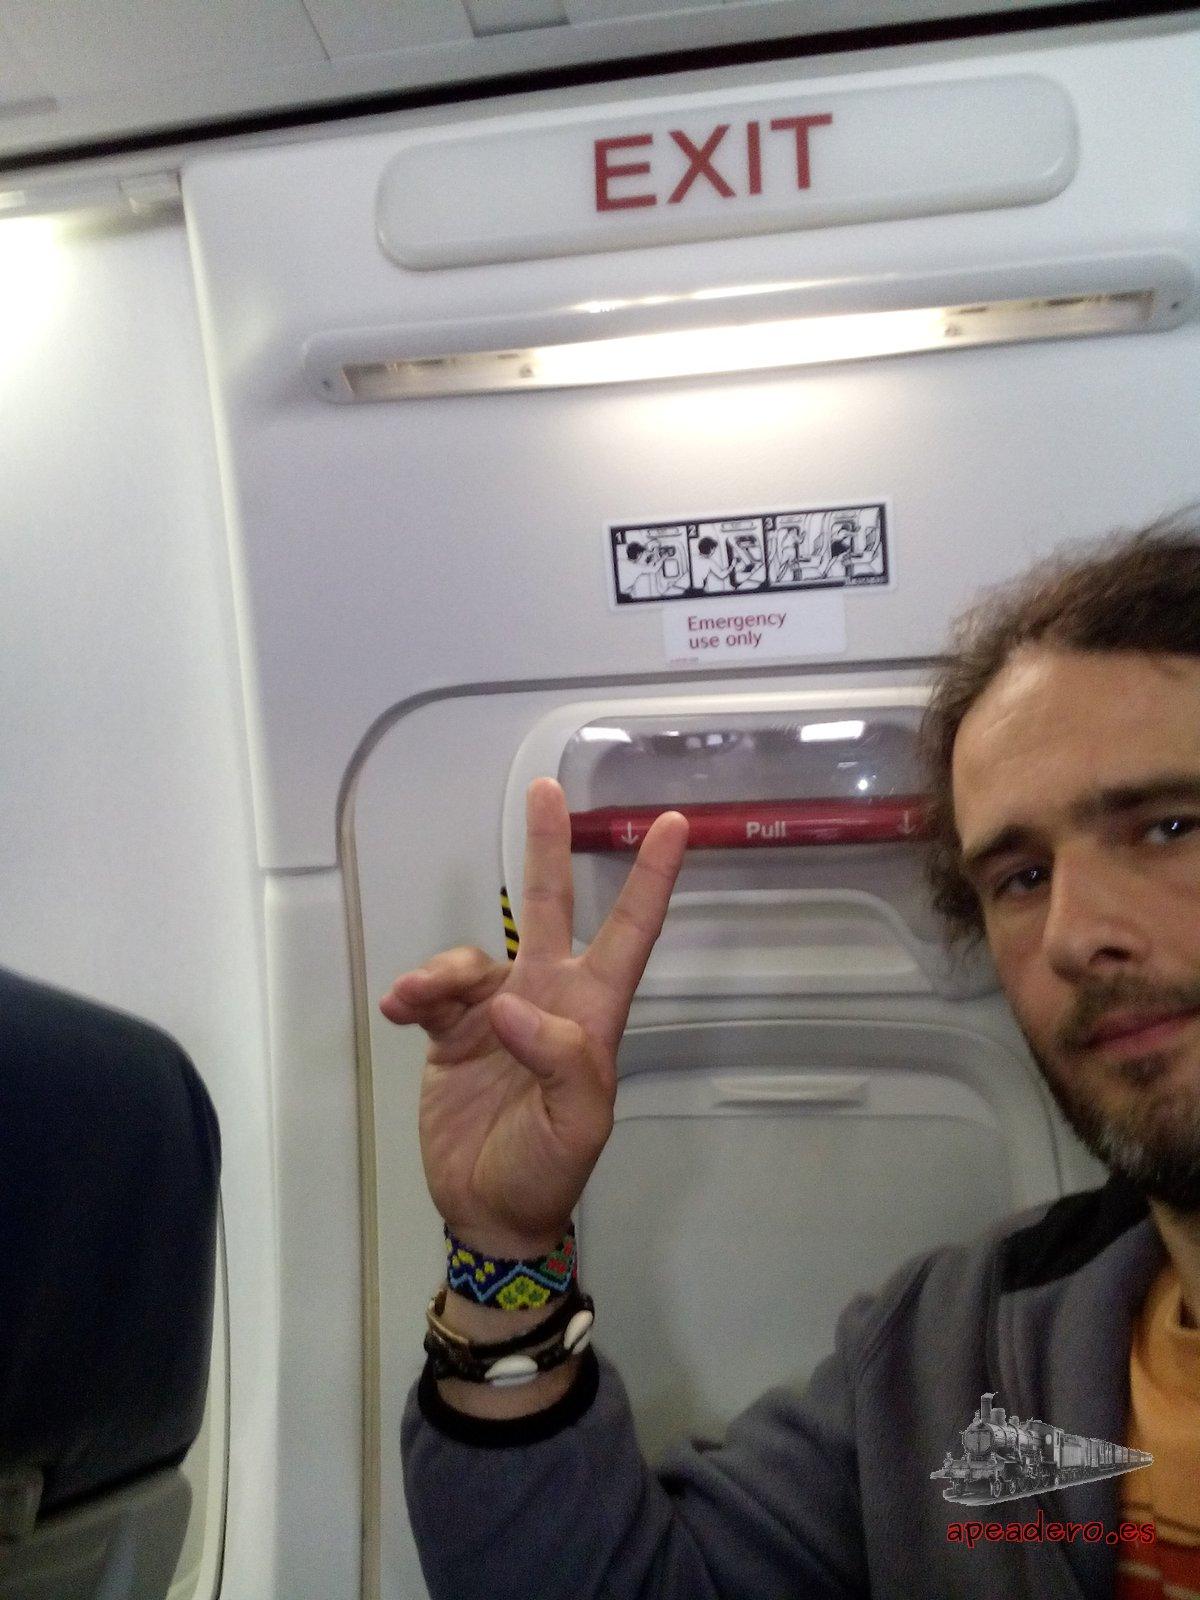 Cómo conseguir gratis el asiento de emergencia (aviones)